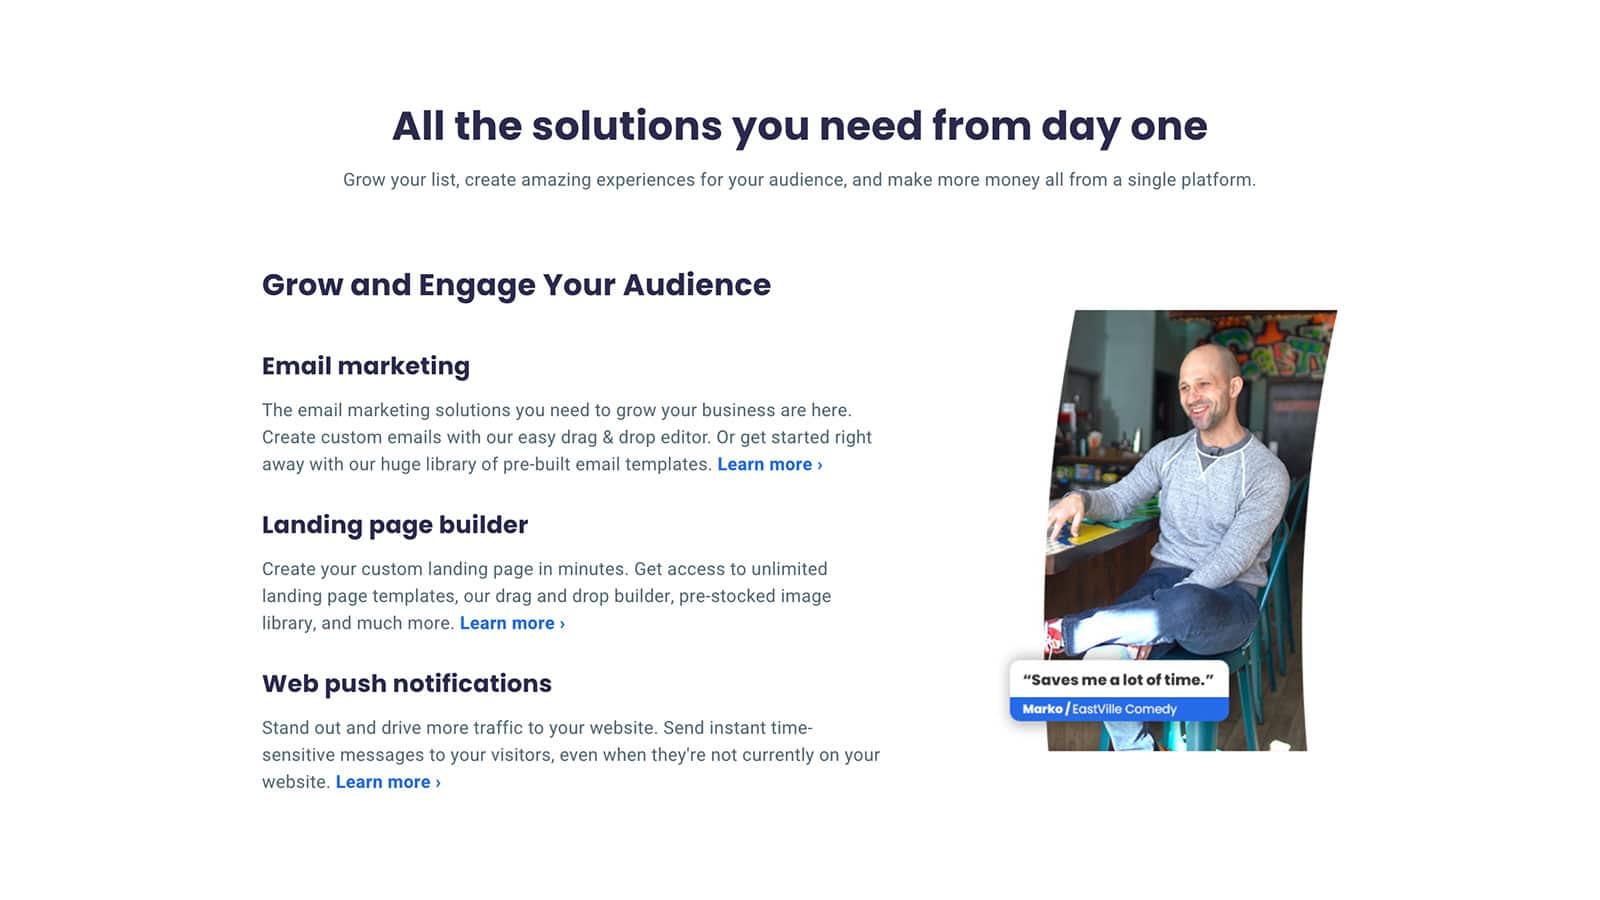 AWeber Email Marketing 2